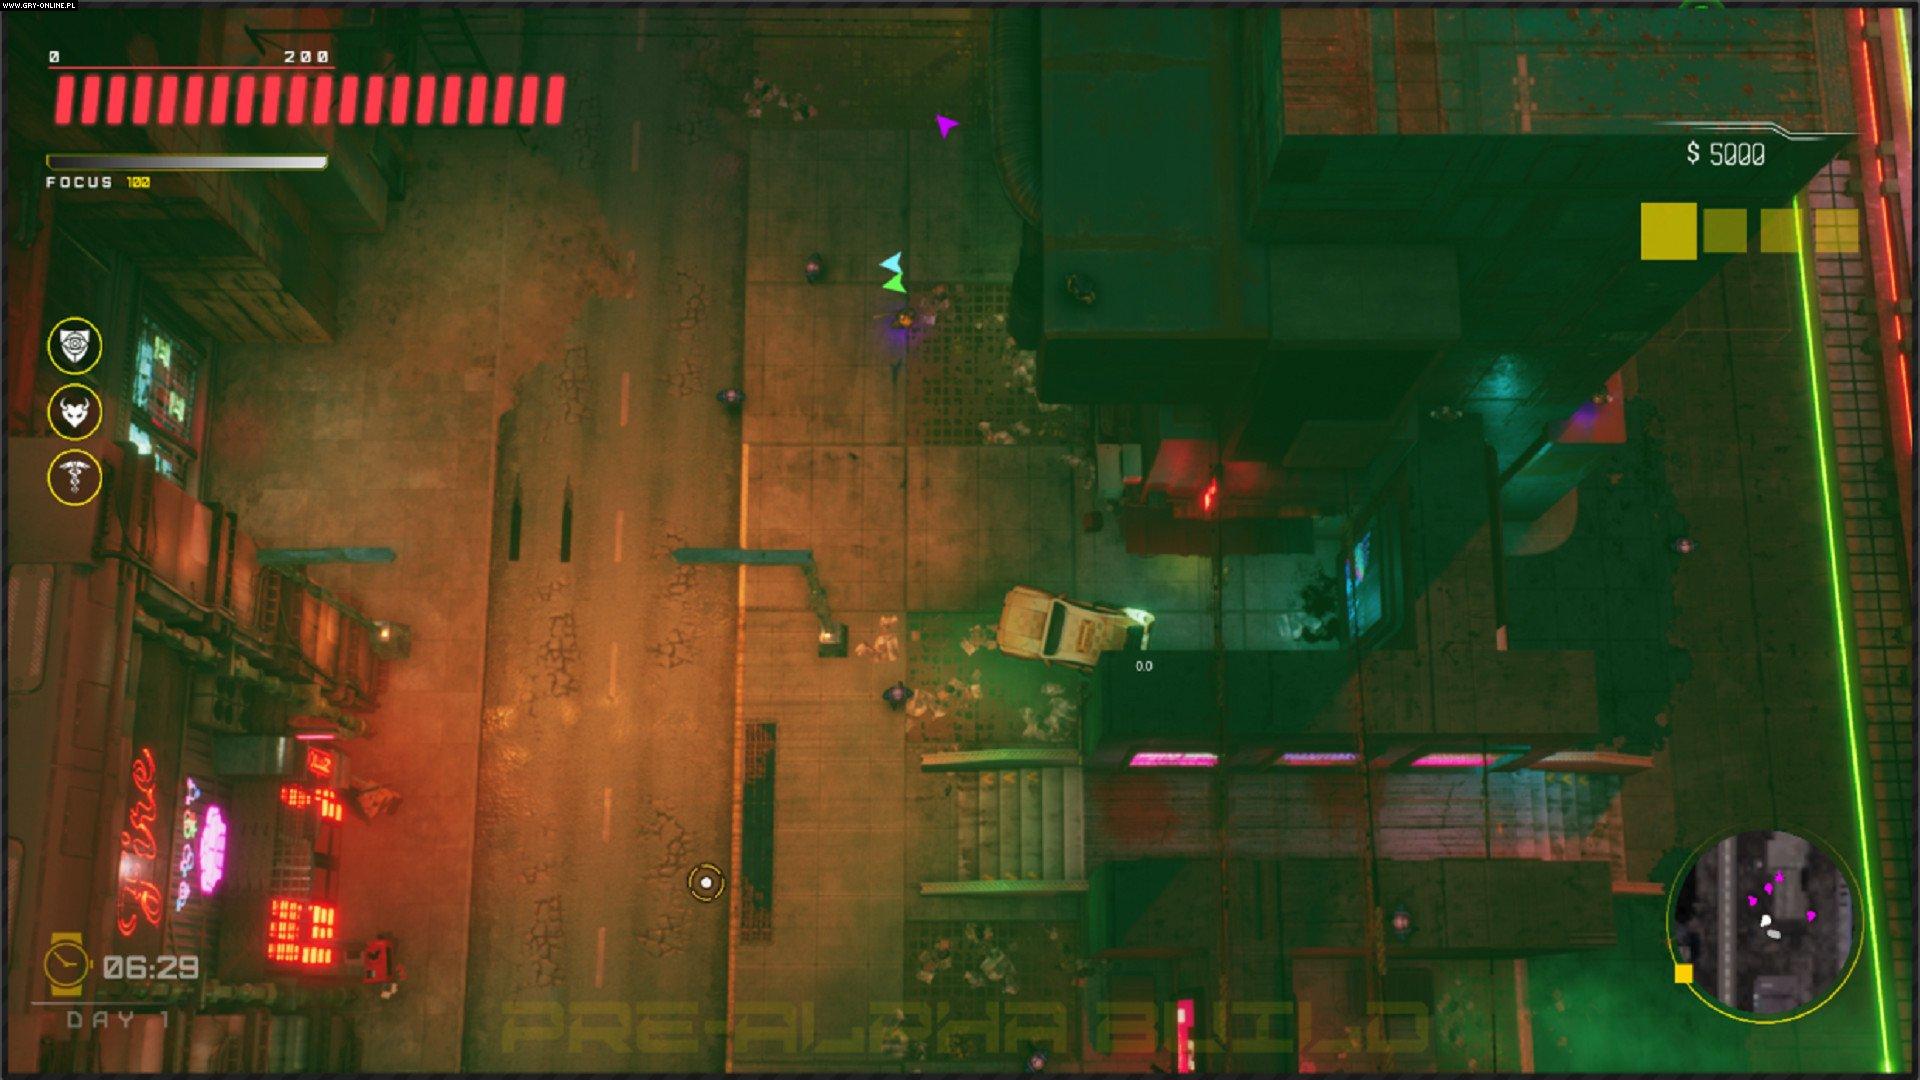 Glitchpunk Screenshots, PC | gamepressure.com